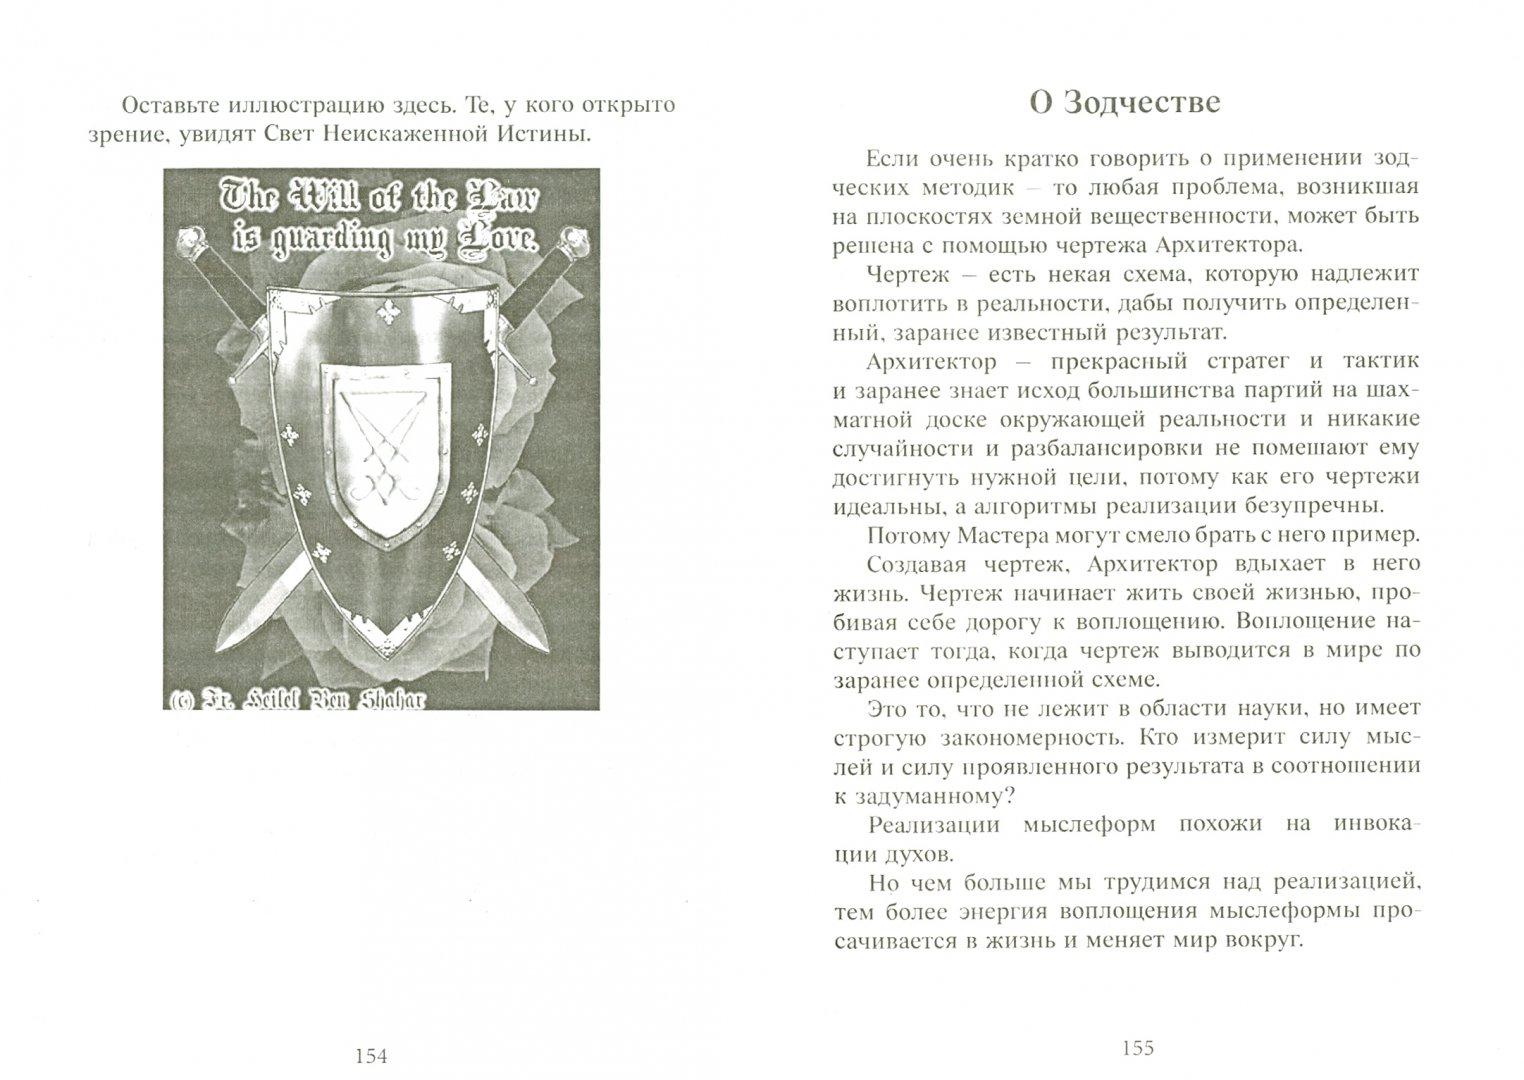 Иллюстрация 1 из 5 для Черная магия. Путь архитектора. Врата совершенства - Frater Elohim Ben Shahar | Лабиринт - книги. Источник: Лабиринт